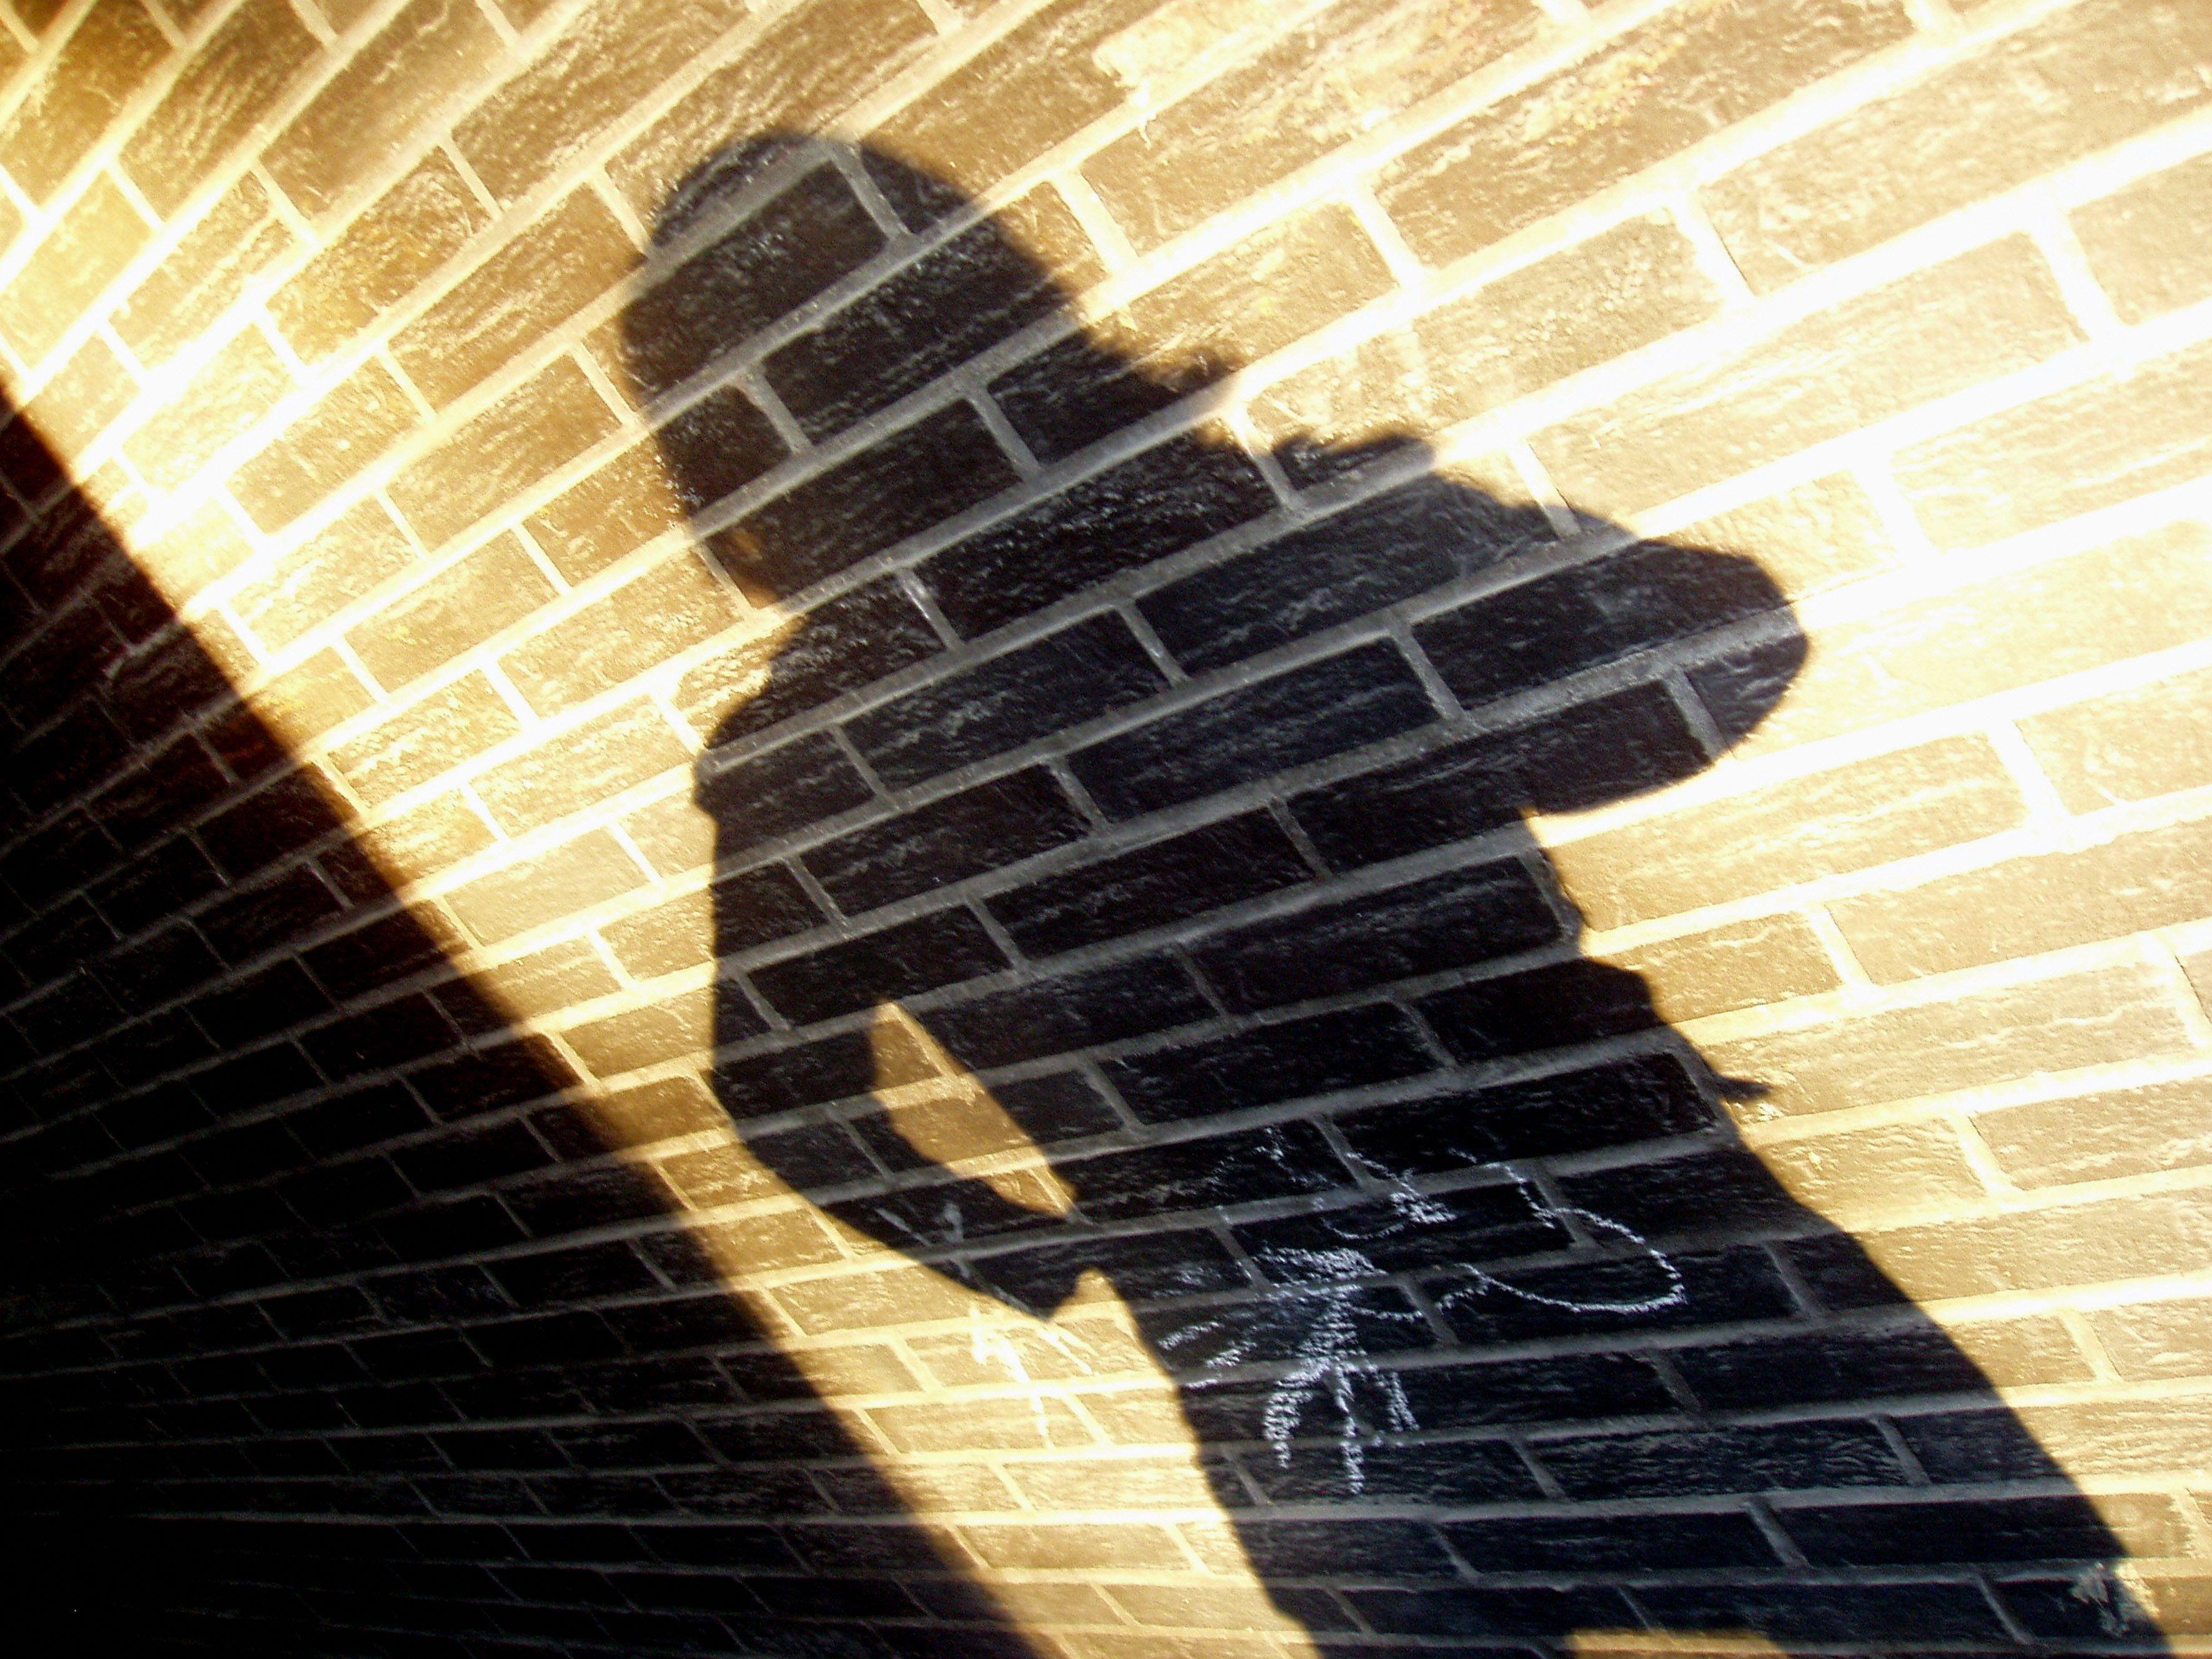 Der Justizbedienstete soll vier ehemalige weibliche Häftlinge und Frauen von Häftlingen sexuell missbraucht haben.